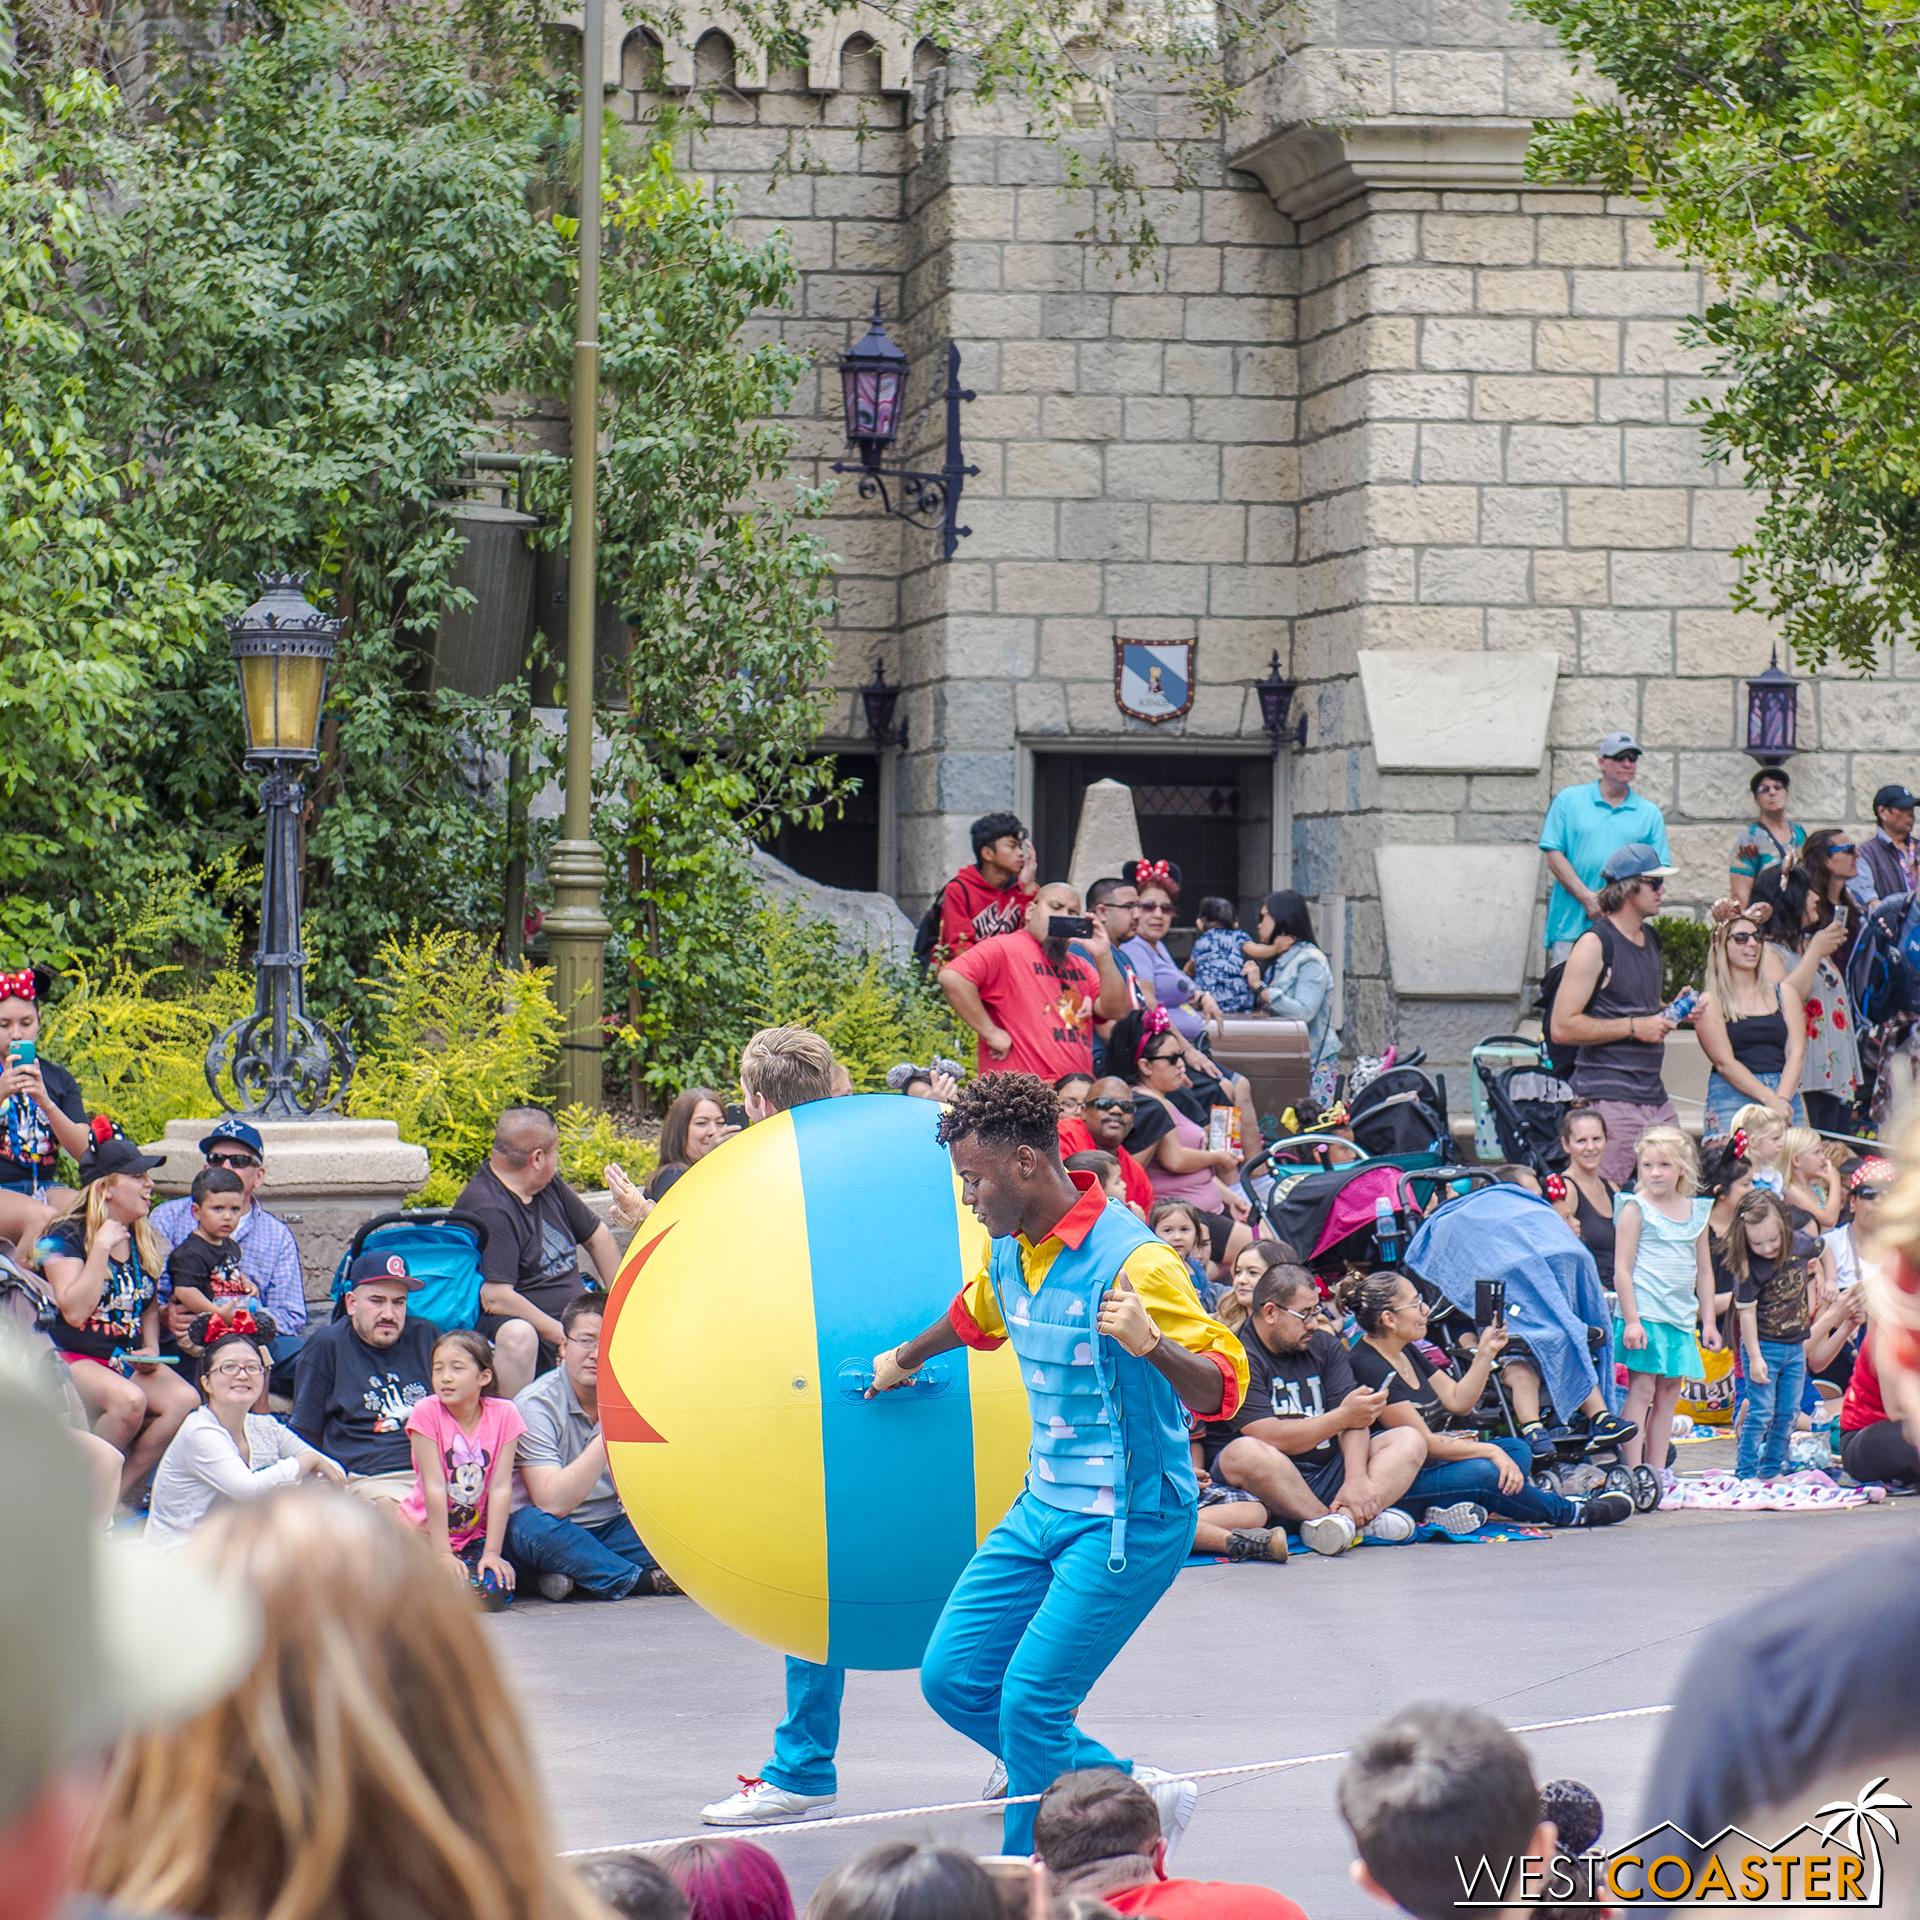 Bouncy Pixar ball kicks things off at the Pixar Play Parade.